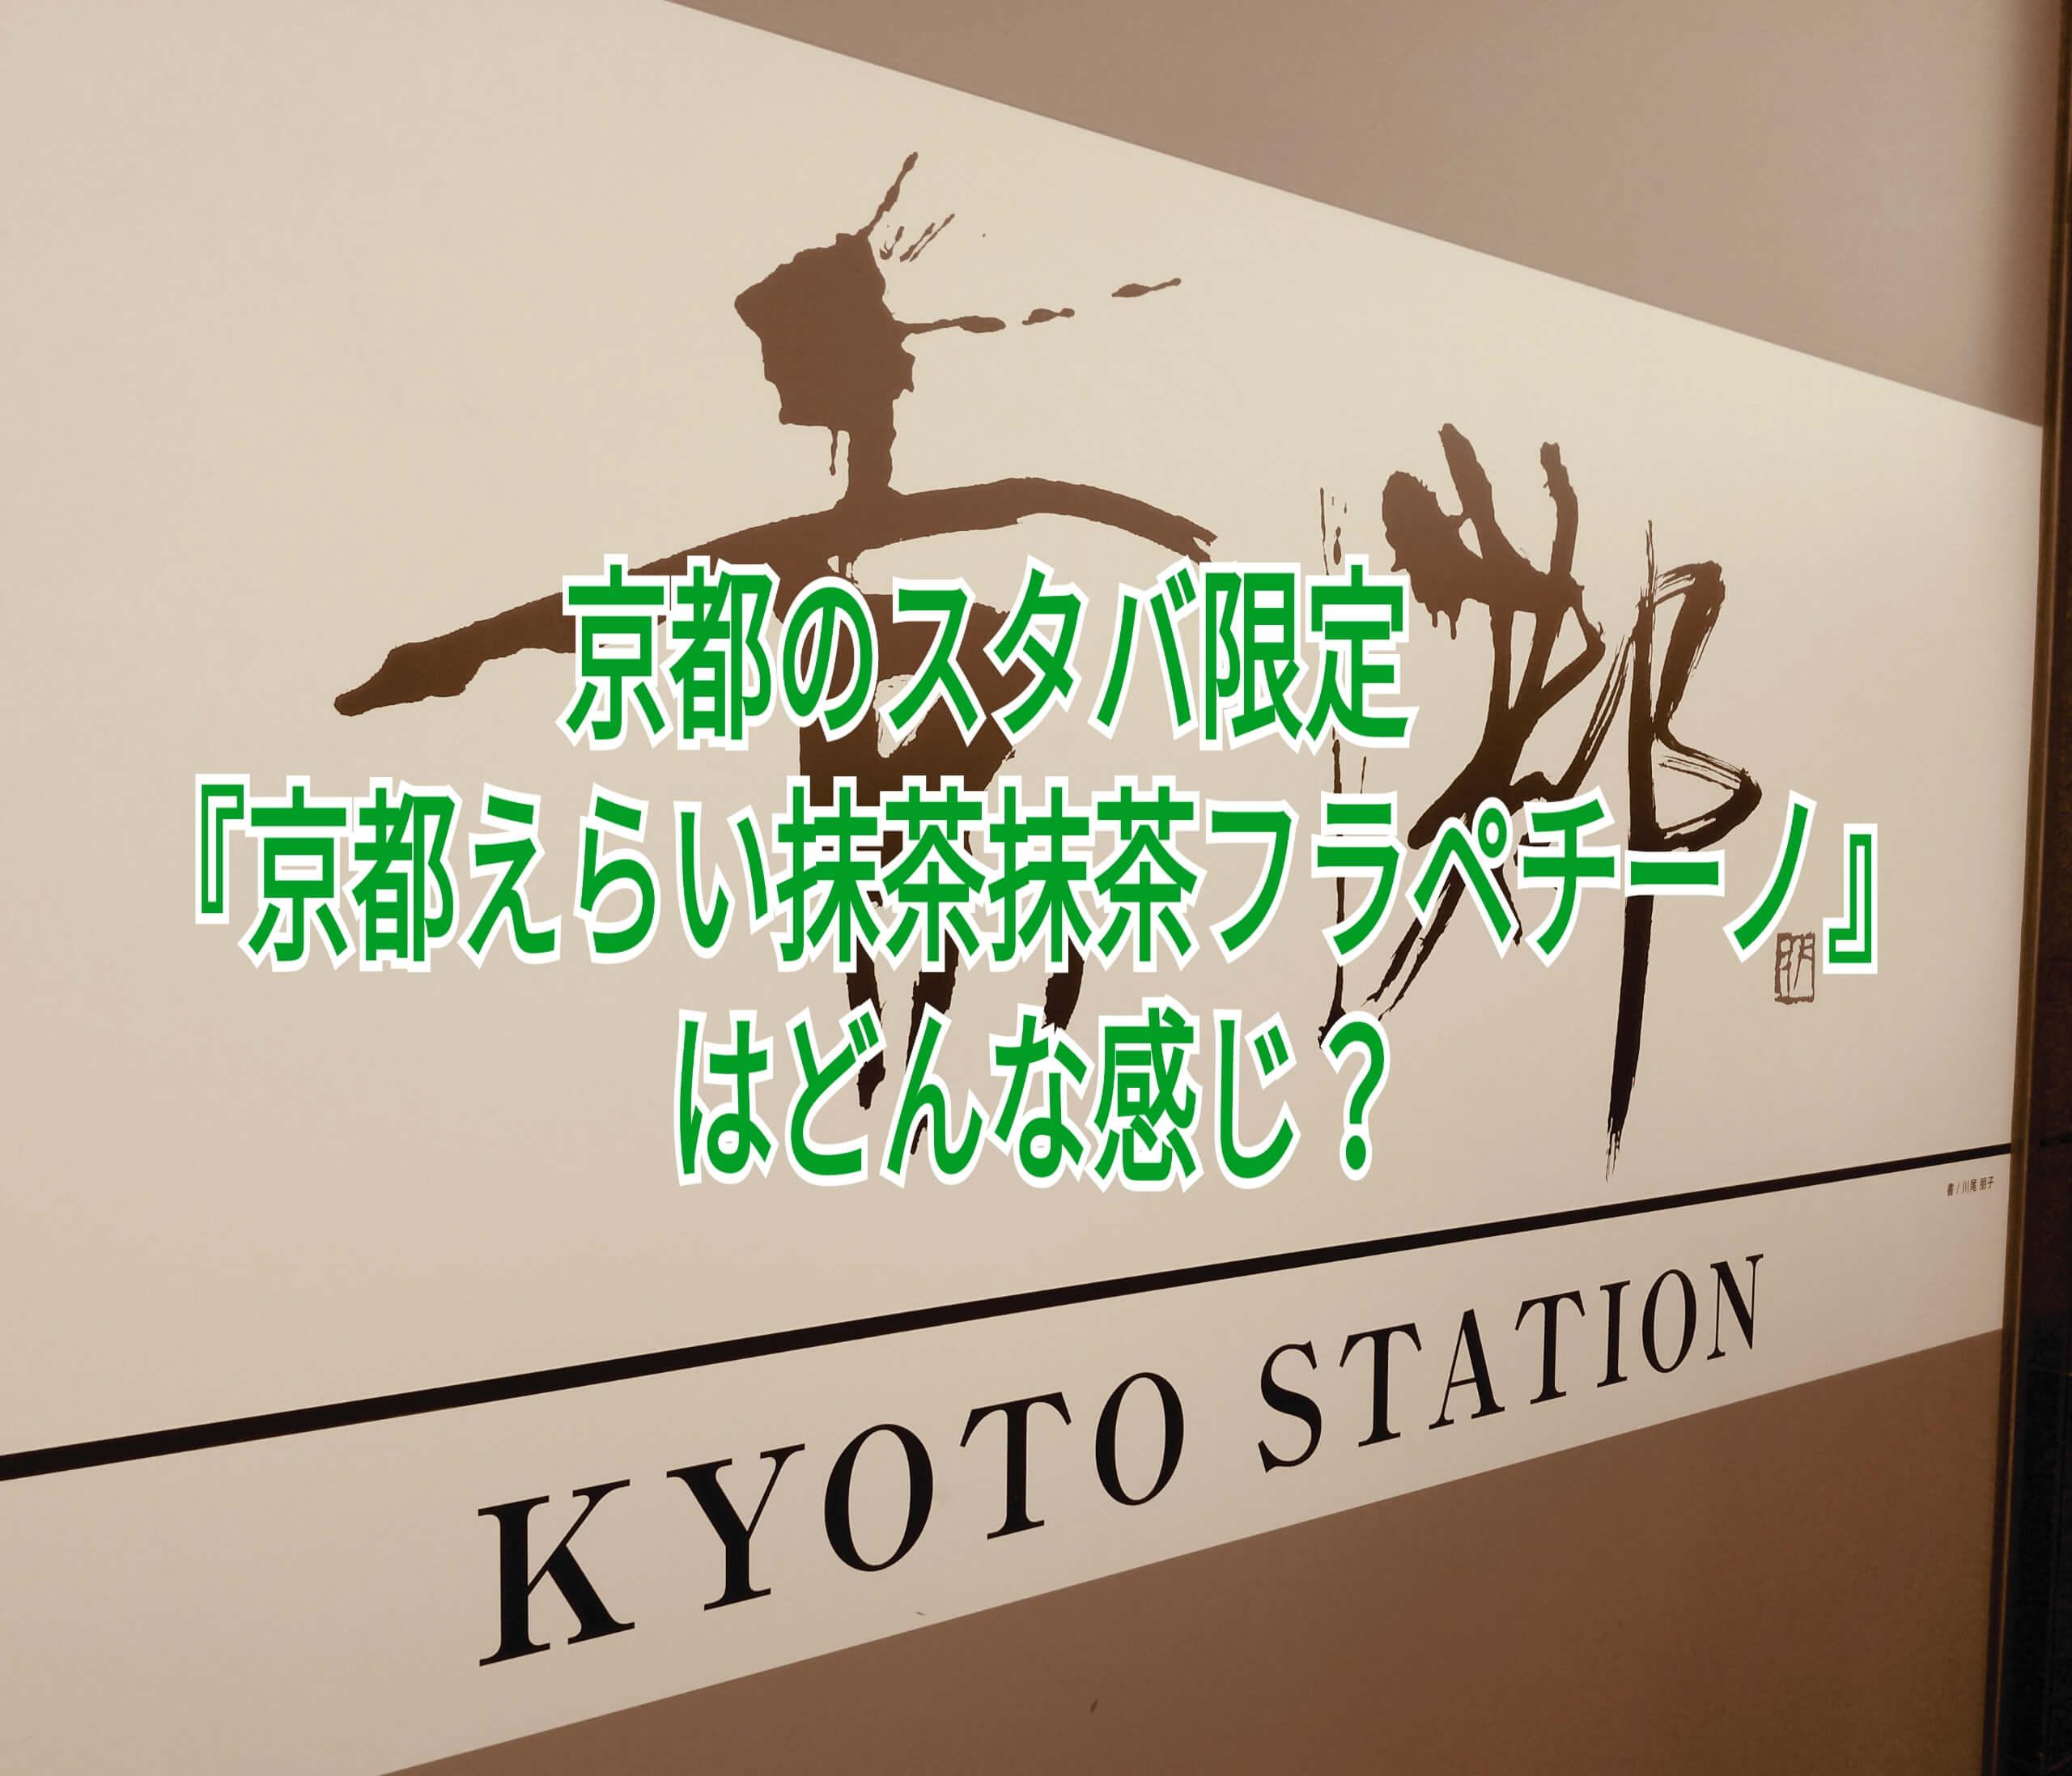 京都えらい抹茶抹茶フラペチーノの記事タイトル